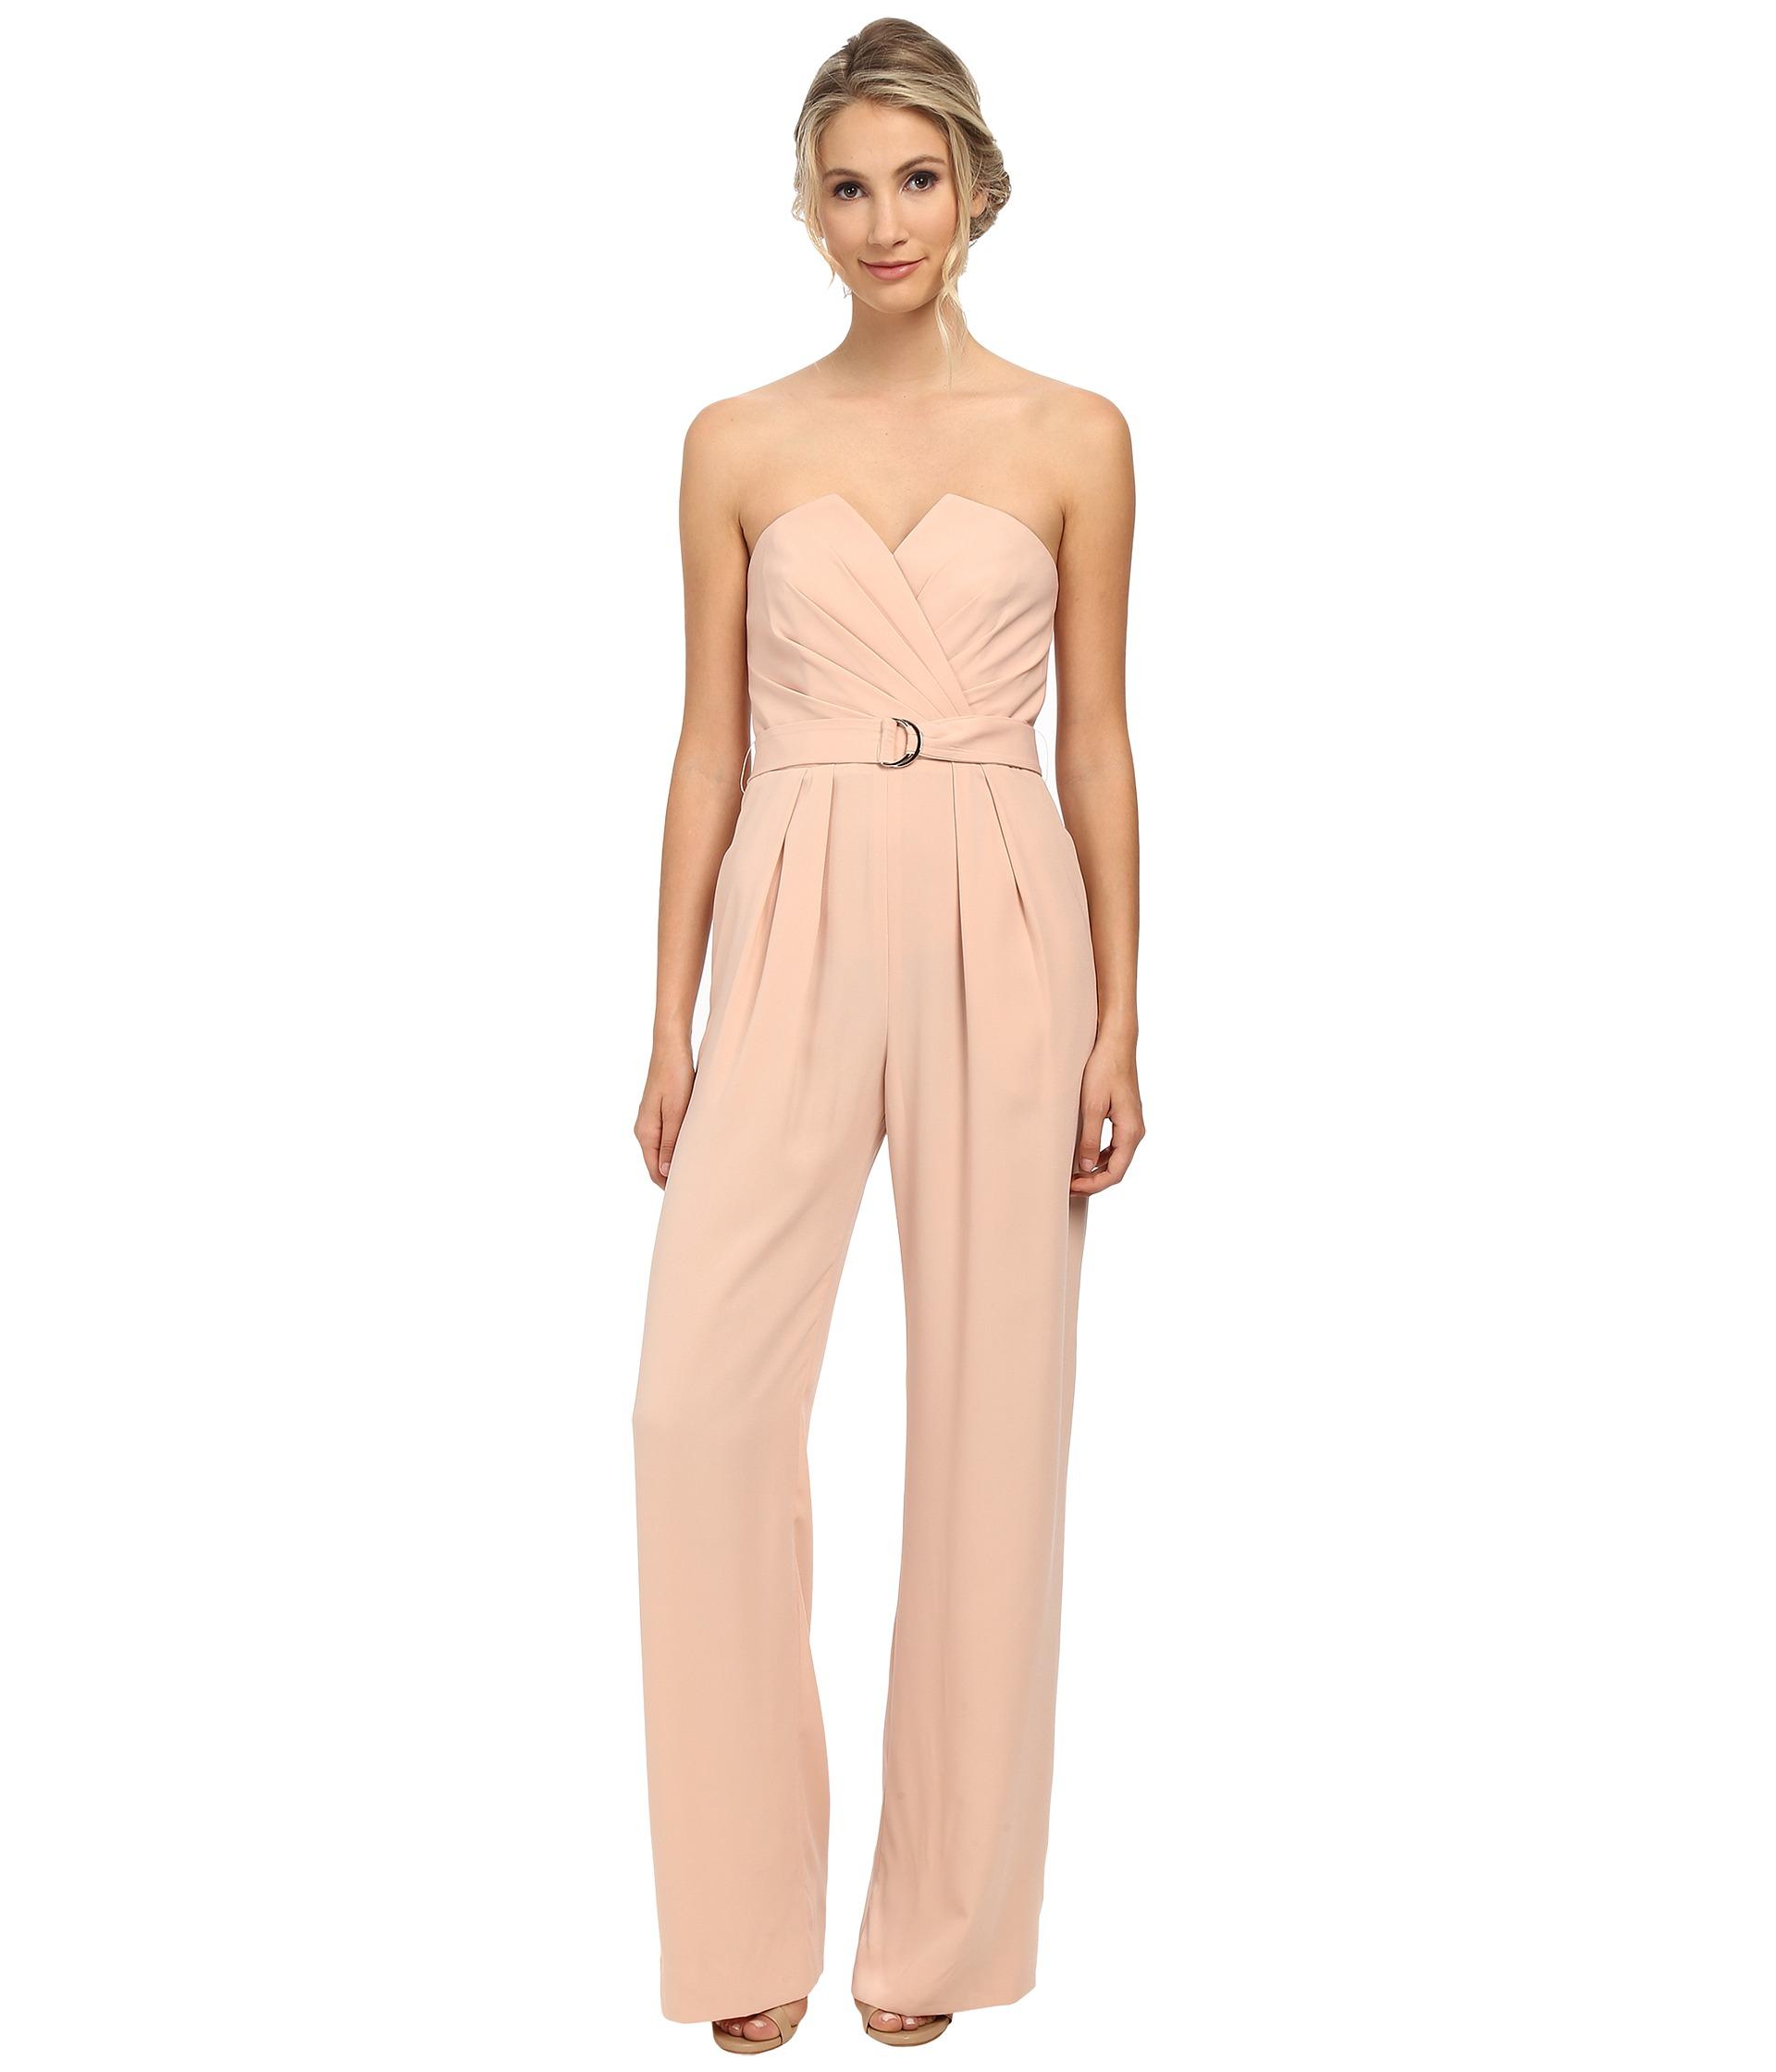 3c50dbd5f5b Lyst - JILL Jill Stuart Belted Sweetheart Neck Jumpsuit in Pink